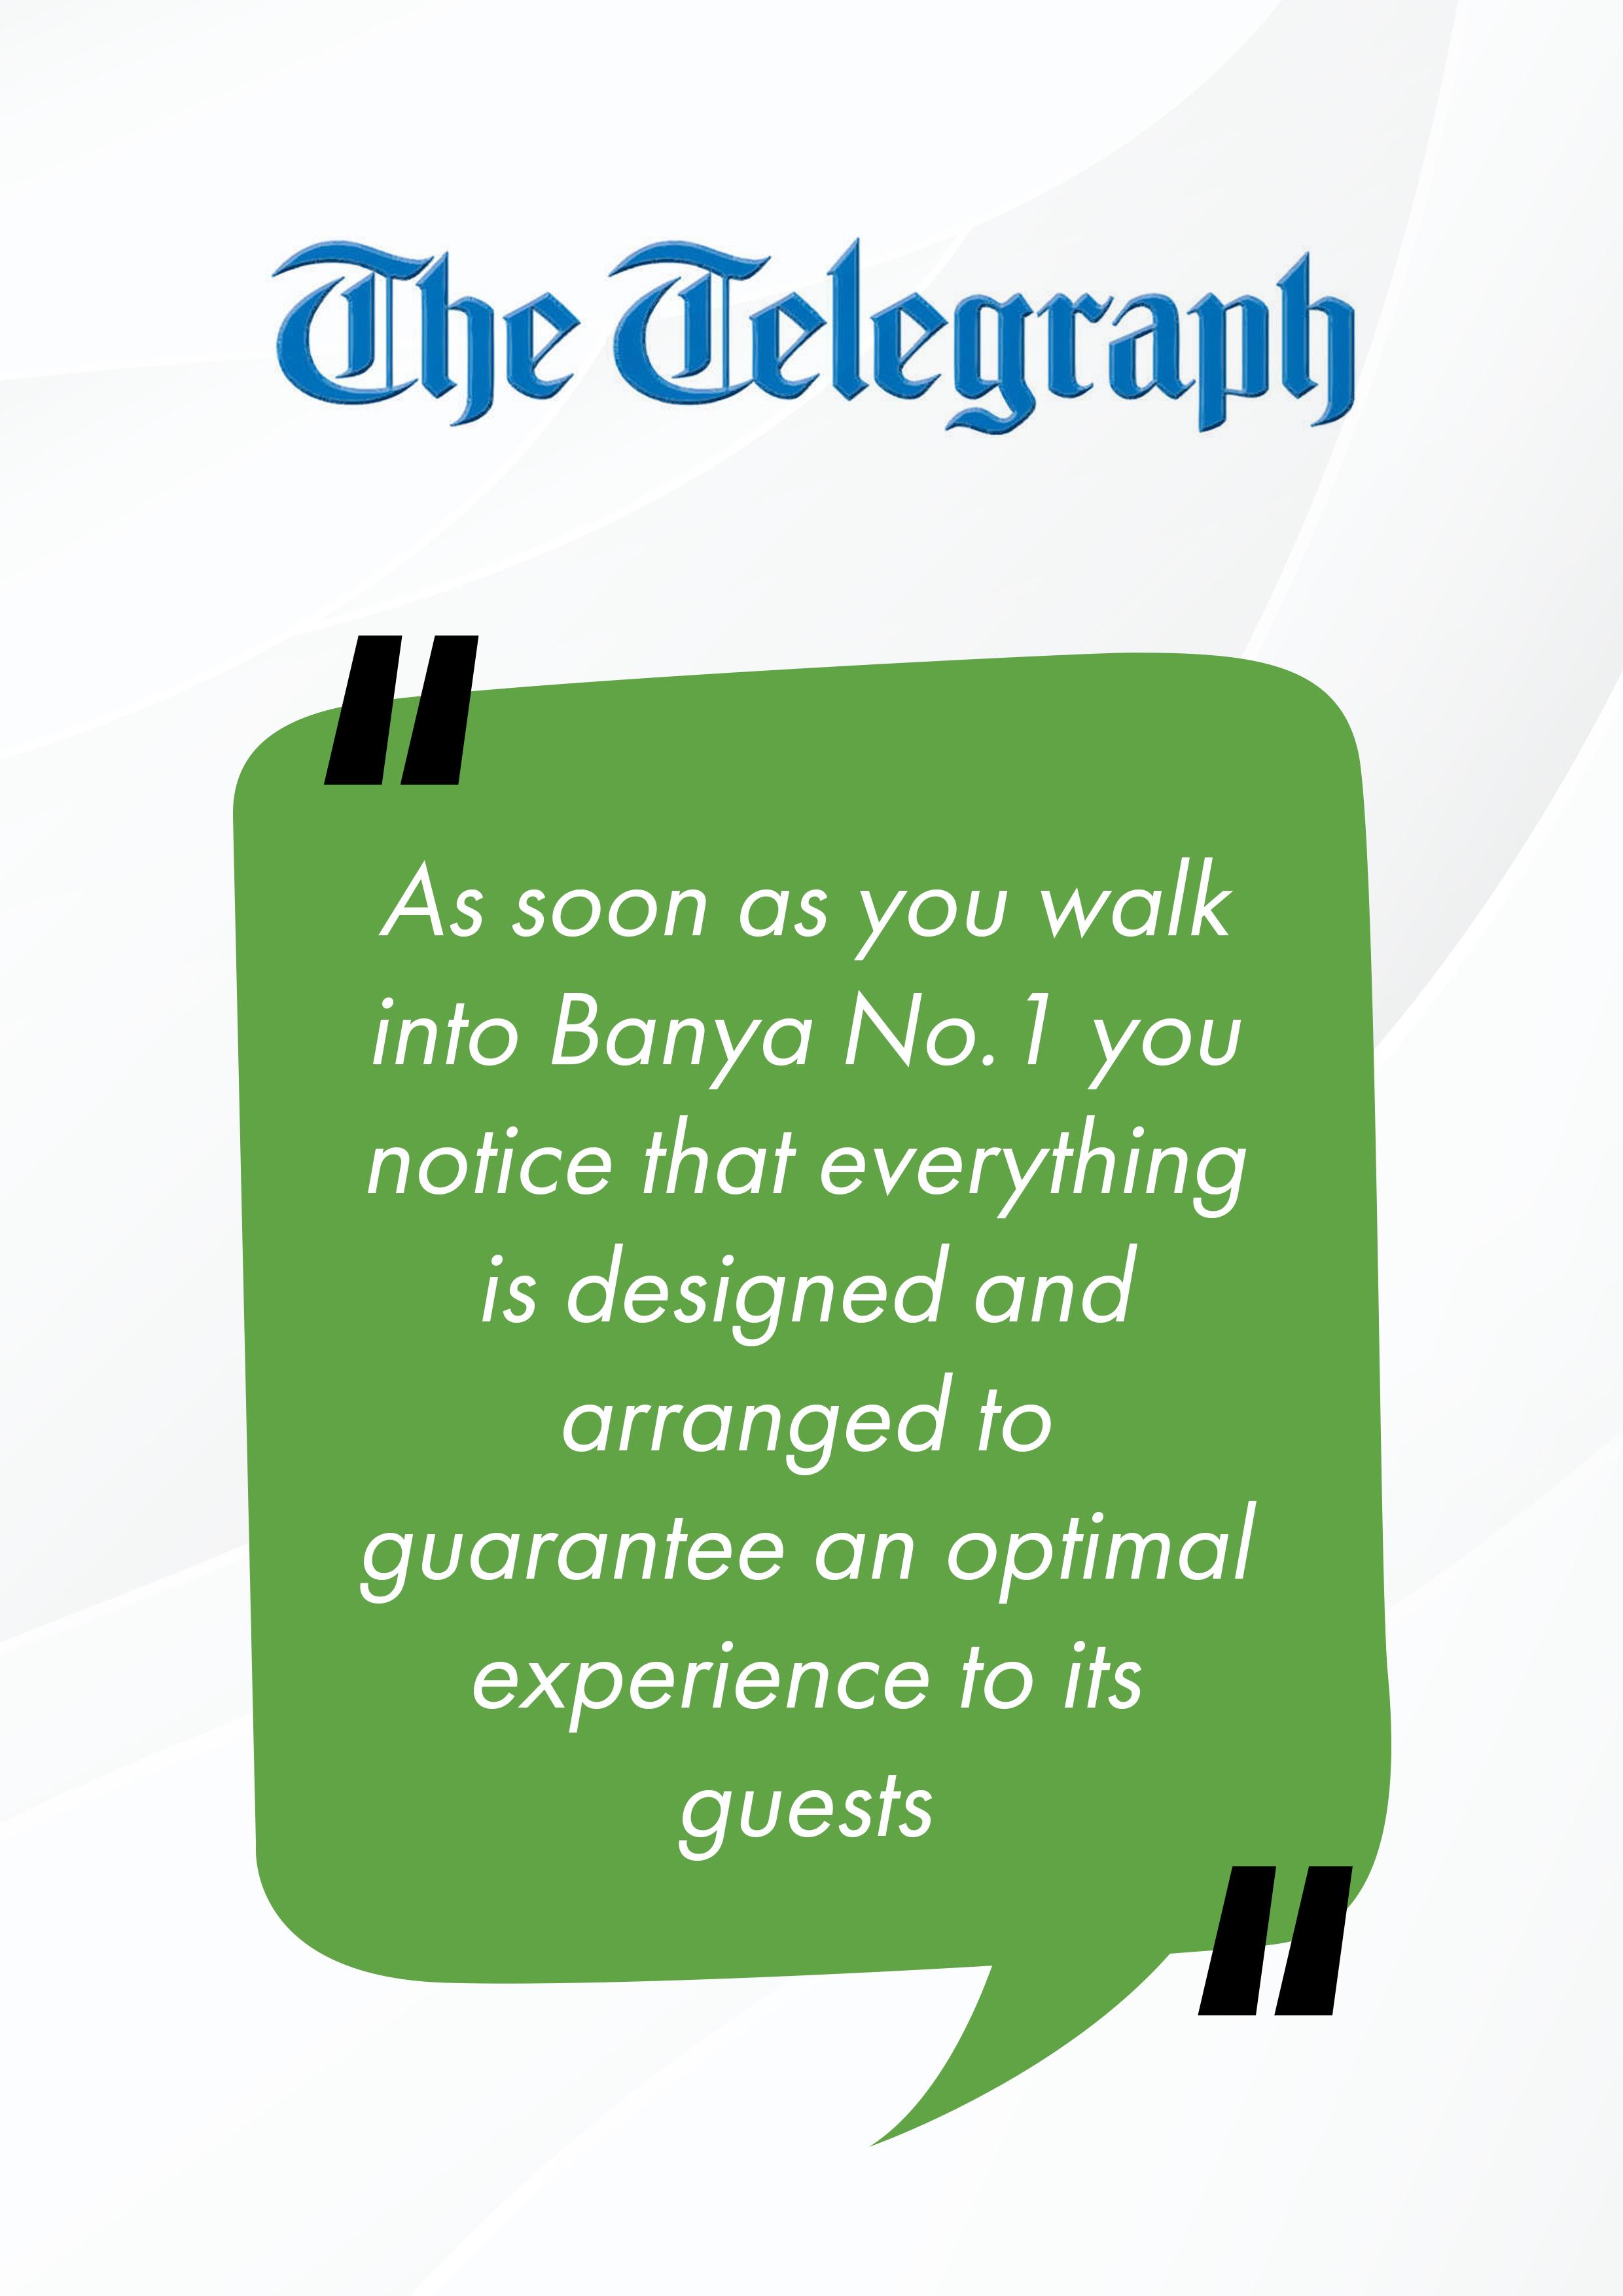 The Telegraph about Banya No.1